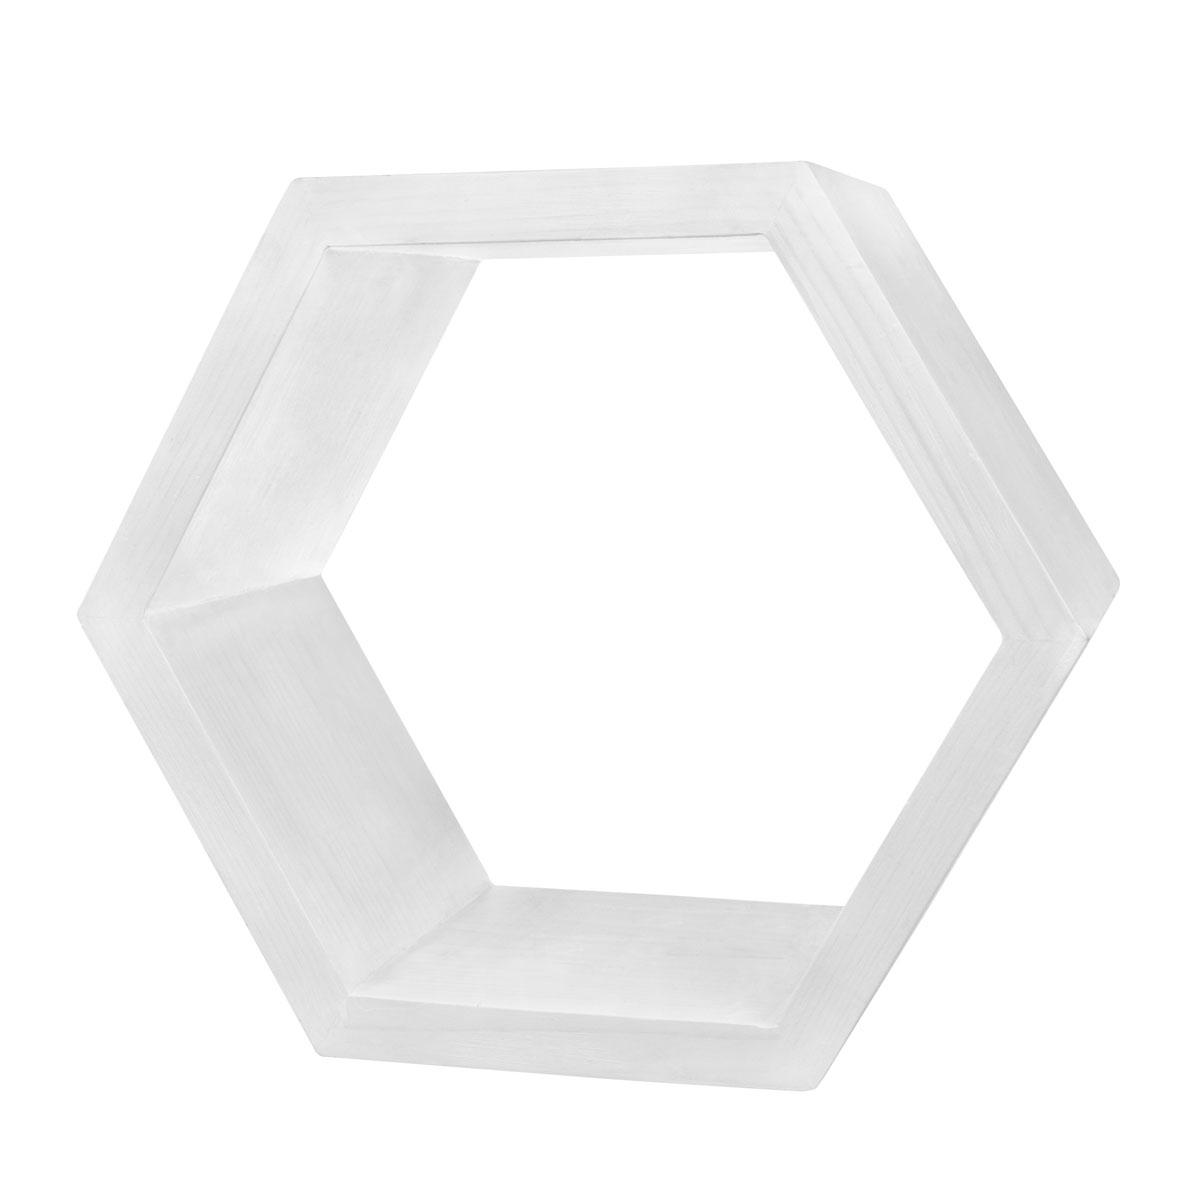 Декоративная полка EcoWoo 30 см, цвет: белыйDSH8NWОригинальные деревянные полки шестигранники. Отличное решение для декорирования комнаты. Несколько полок можно складывать в причудливые сочетания, ограниченные только вашей фантазией. Любой цвет и размер. Станьте креативными дизайнерами своего жилого пространства!